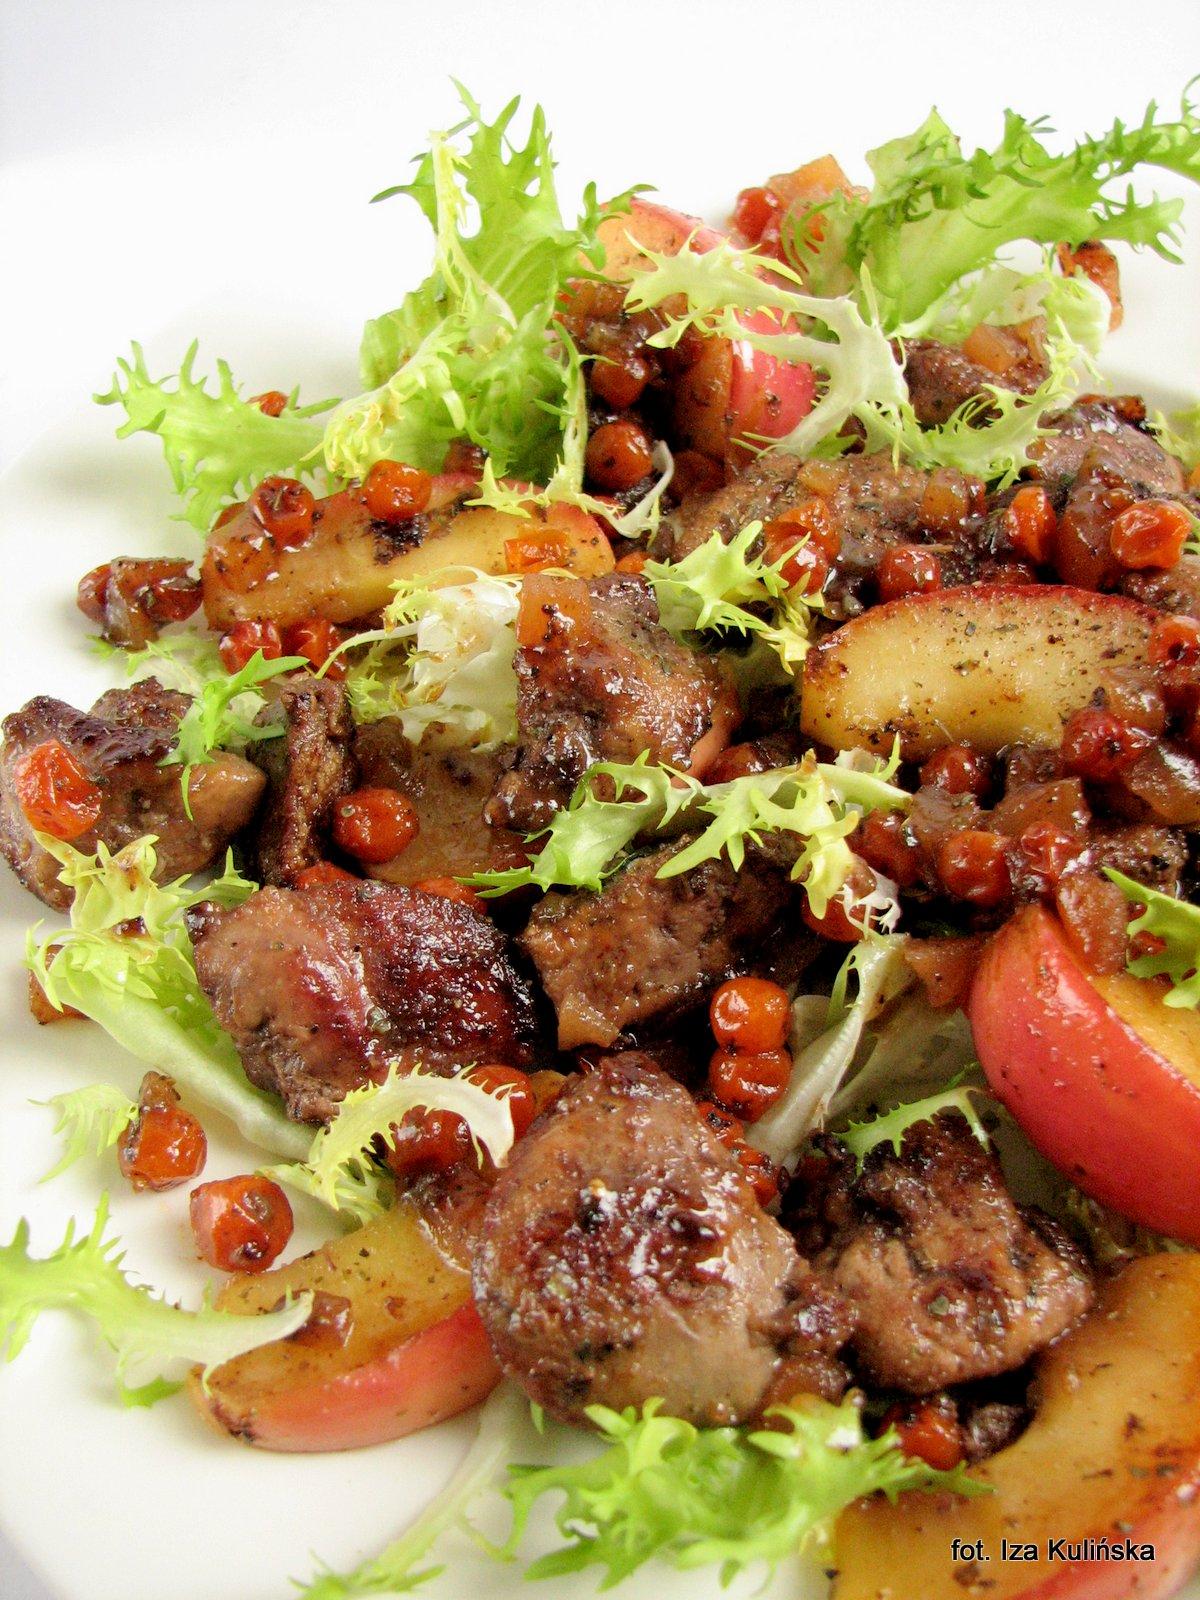 gęsia wątróbka z owocami na sałacie , gęsina , na świętego Marcina , gęś , gąska , dania z gęsi , najsmaczniejsze dania , domowe jedzenie , mięso , drób , czas na gęsinę , coś pysznego , najlepsze przepisy na domowe jedzenie , kuchnia polska